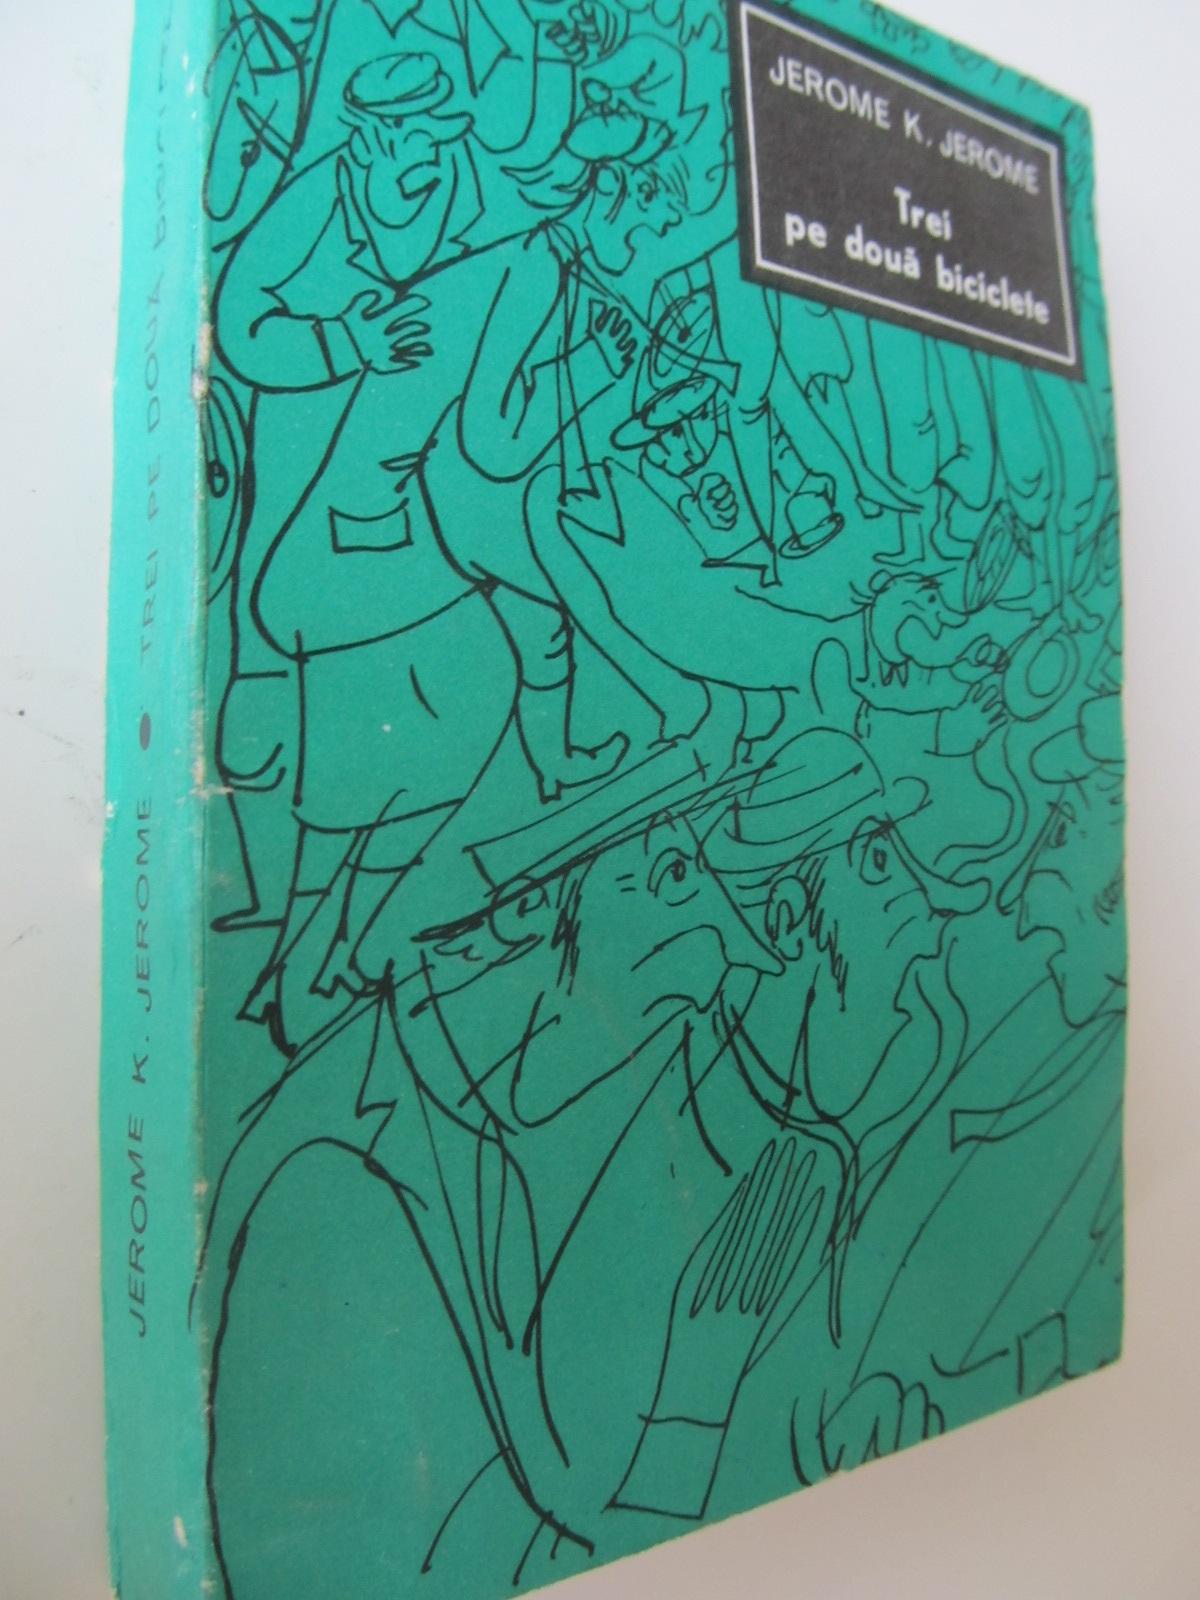 Trei pe doua biciclete - Jerome K. Jerome | Detalii carte